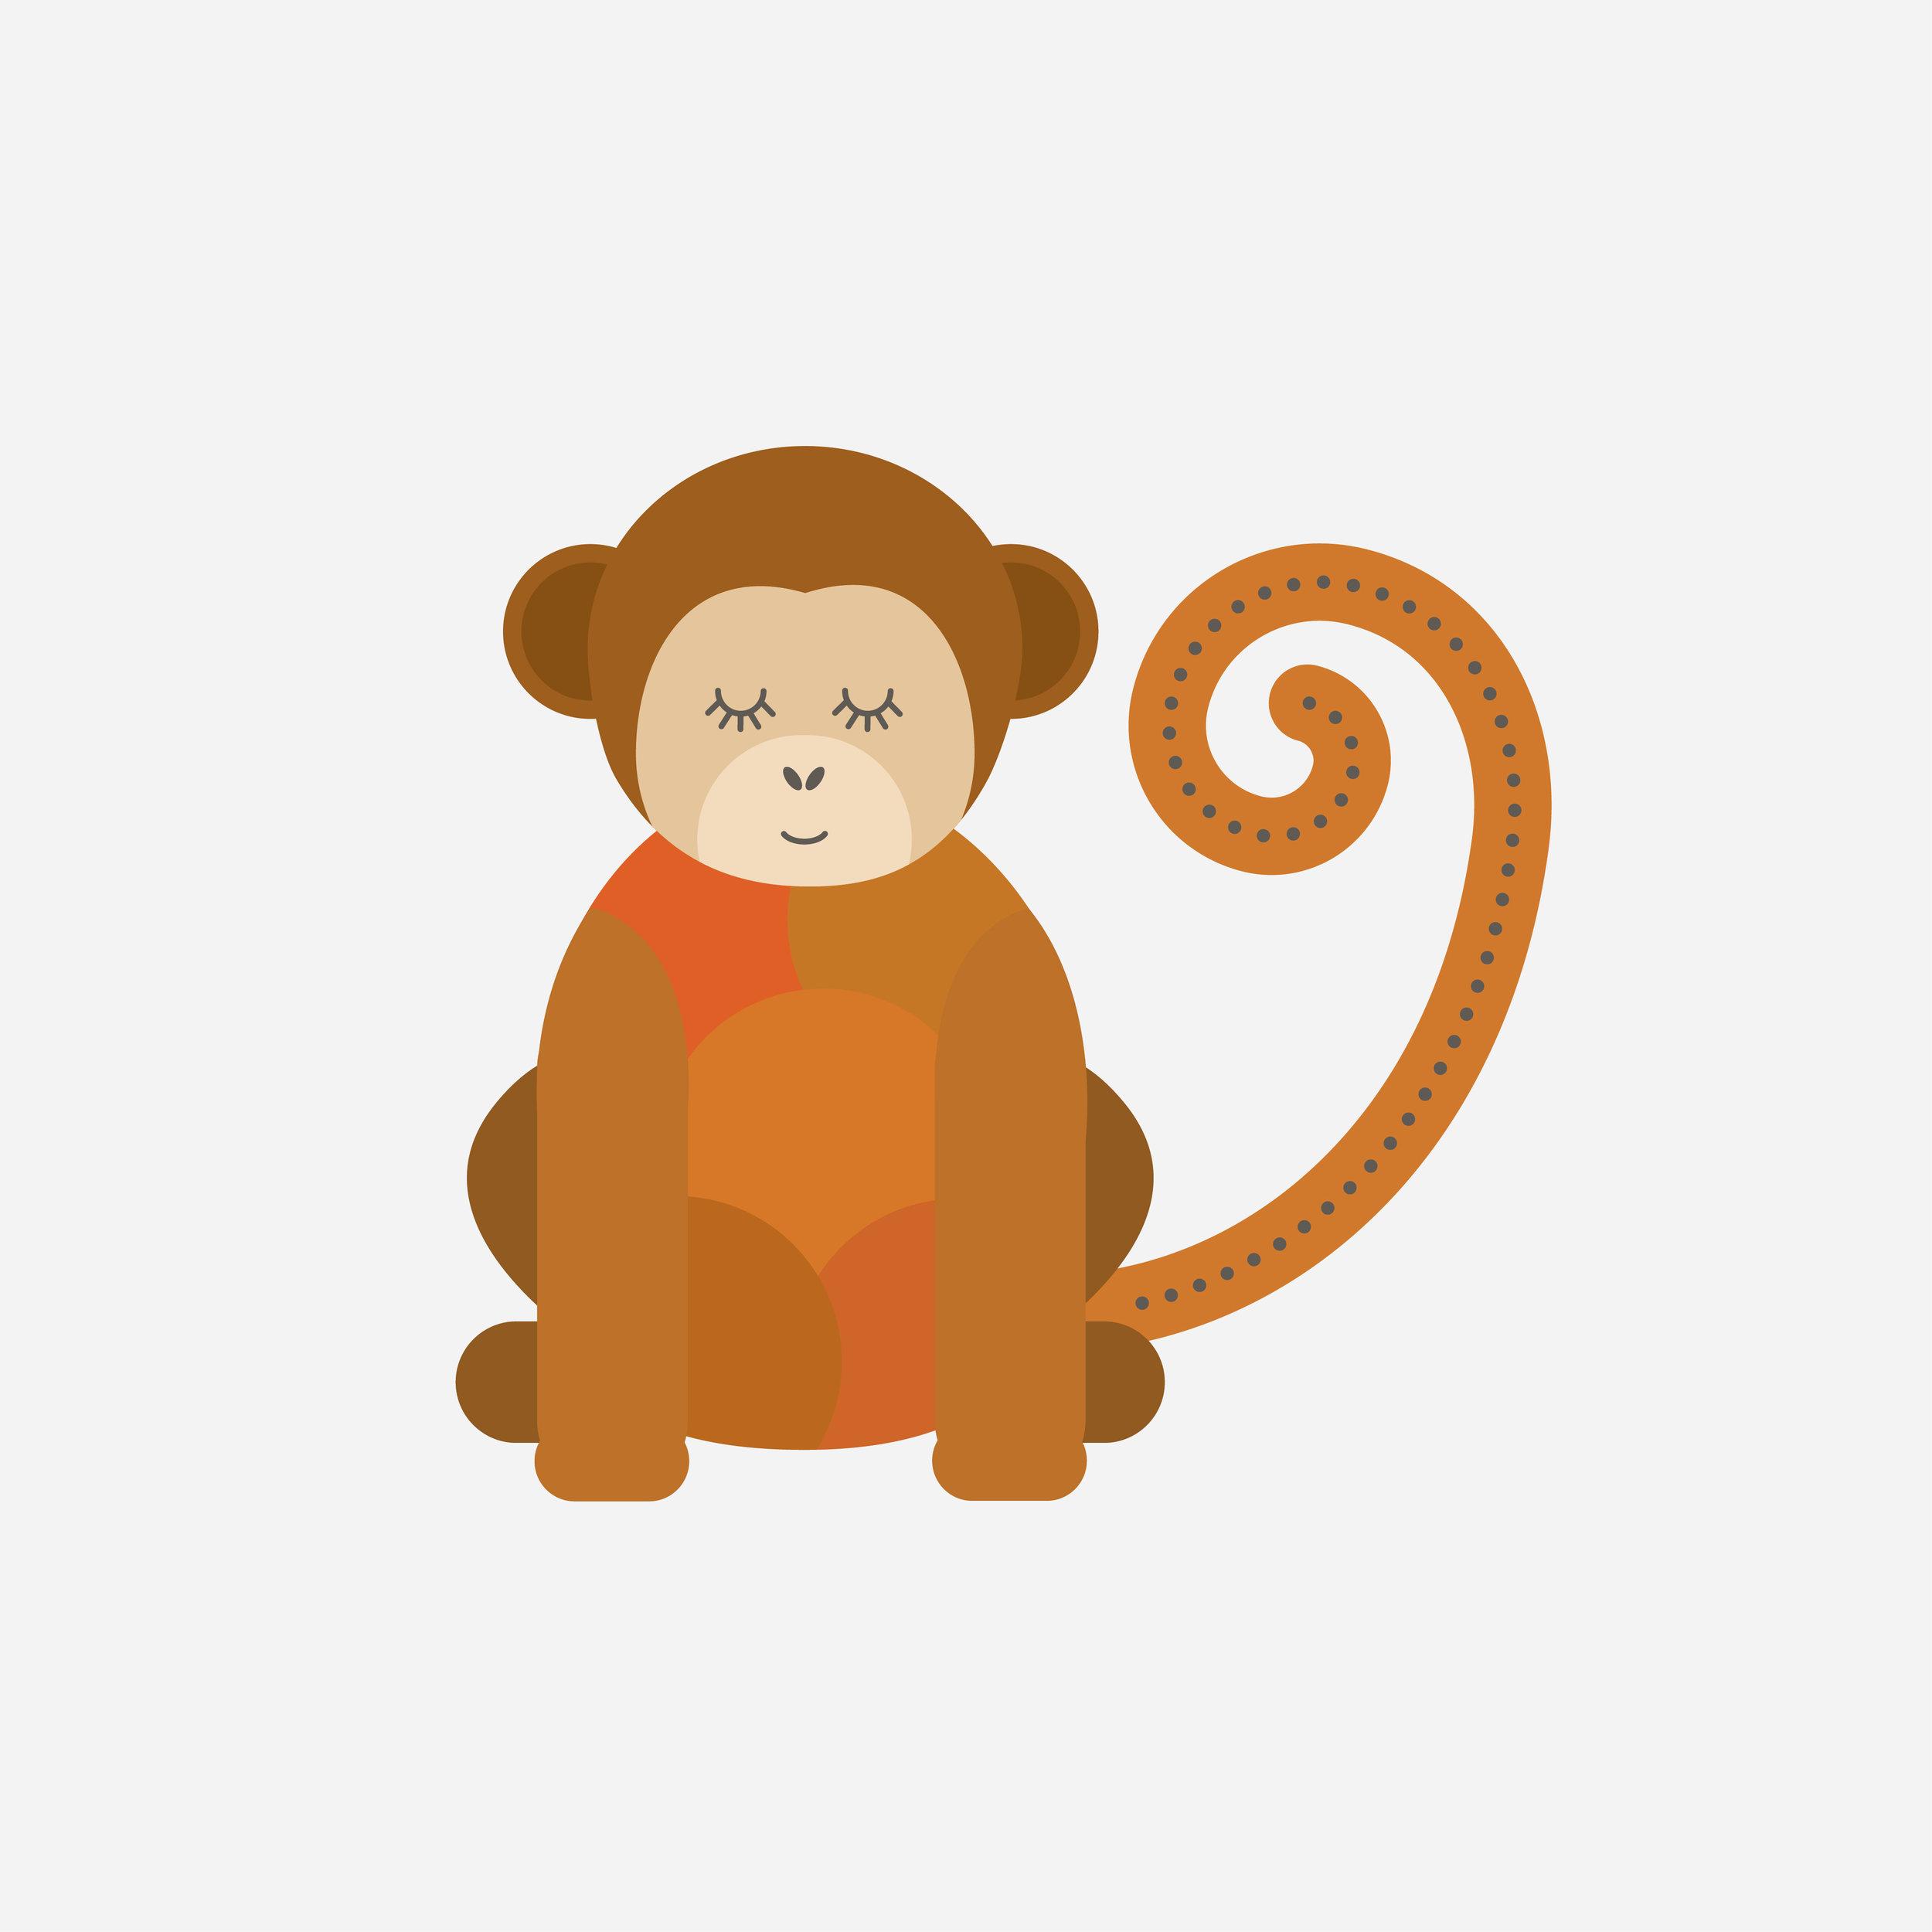 monkey-97.jpg